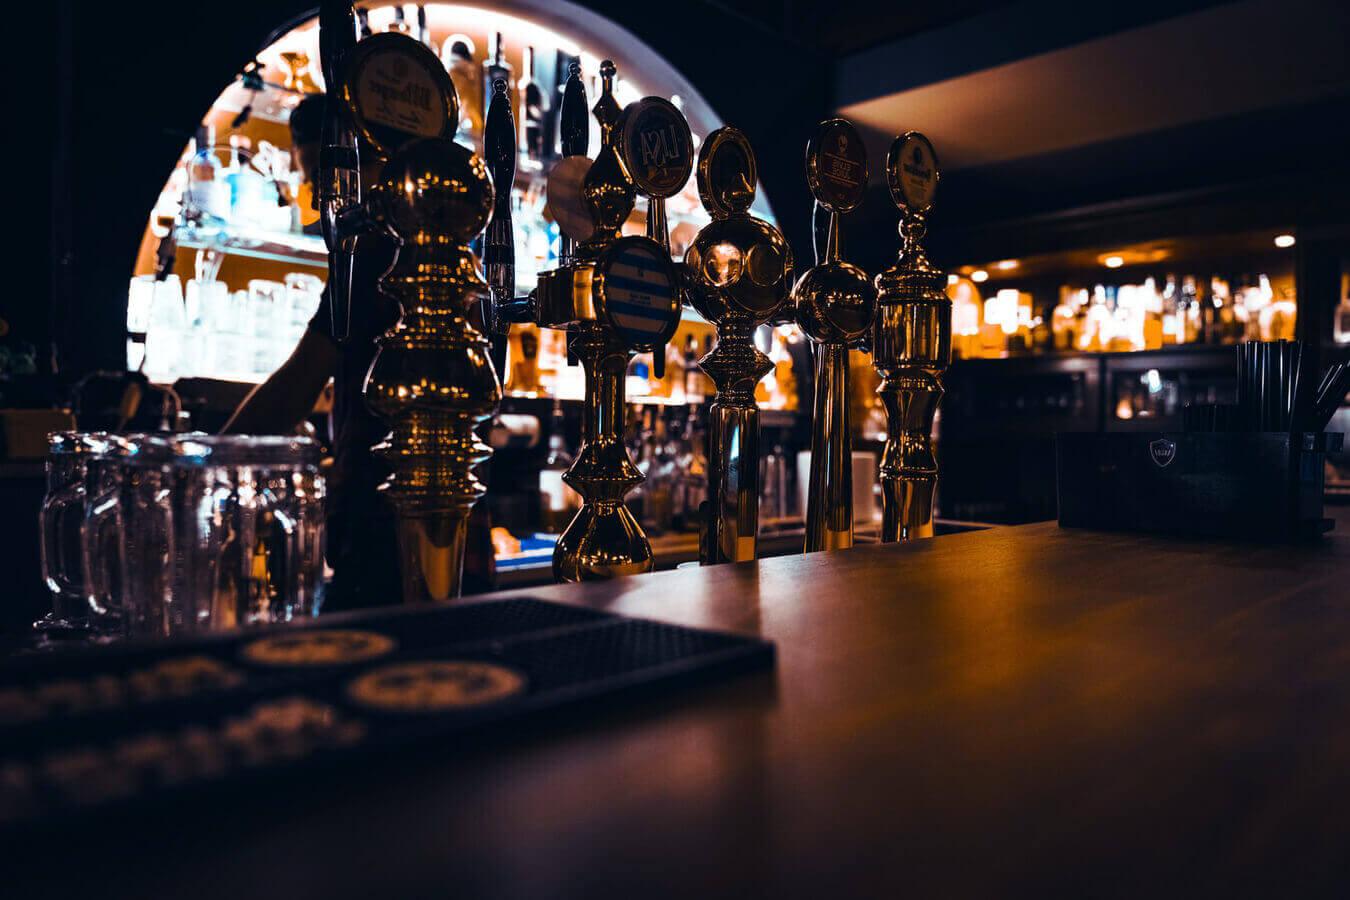 Пивная башня в баре, пабе